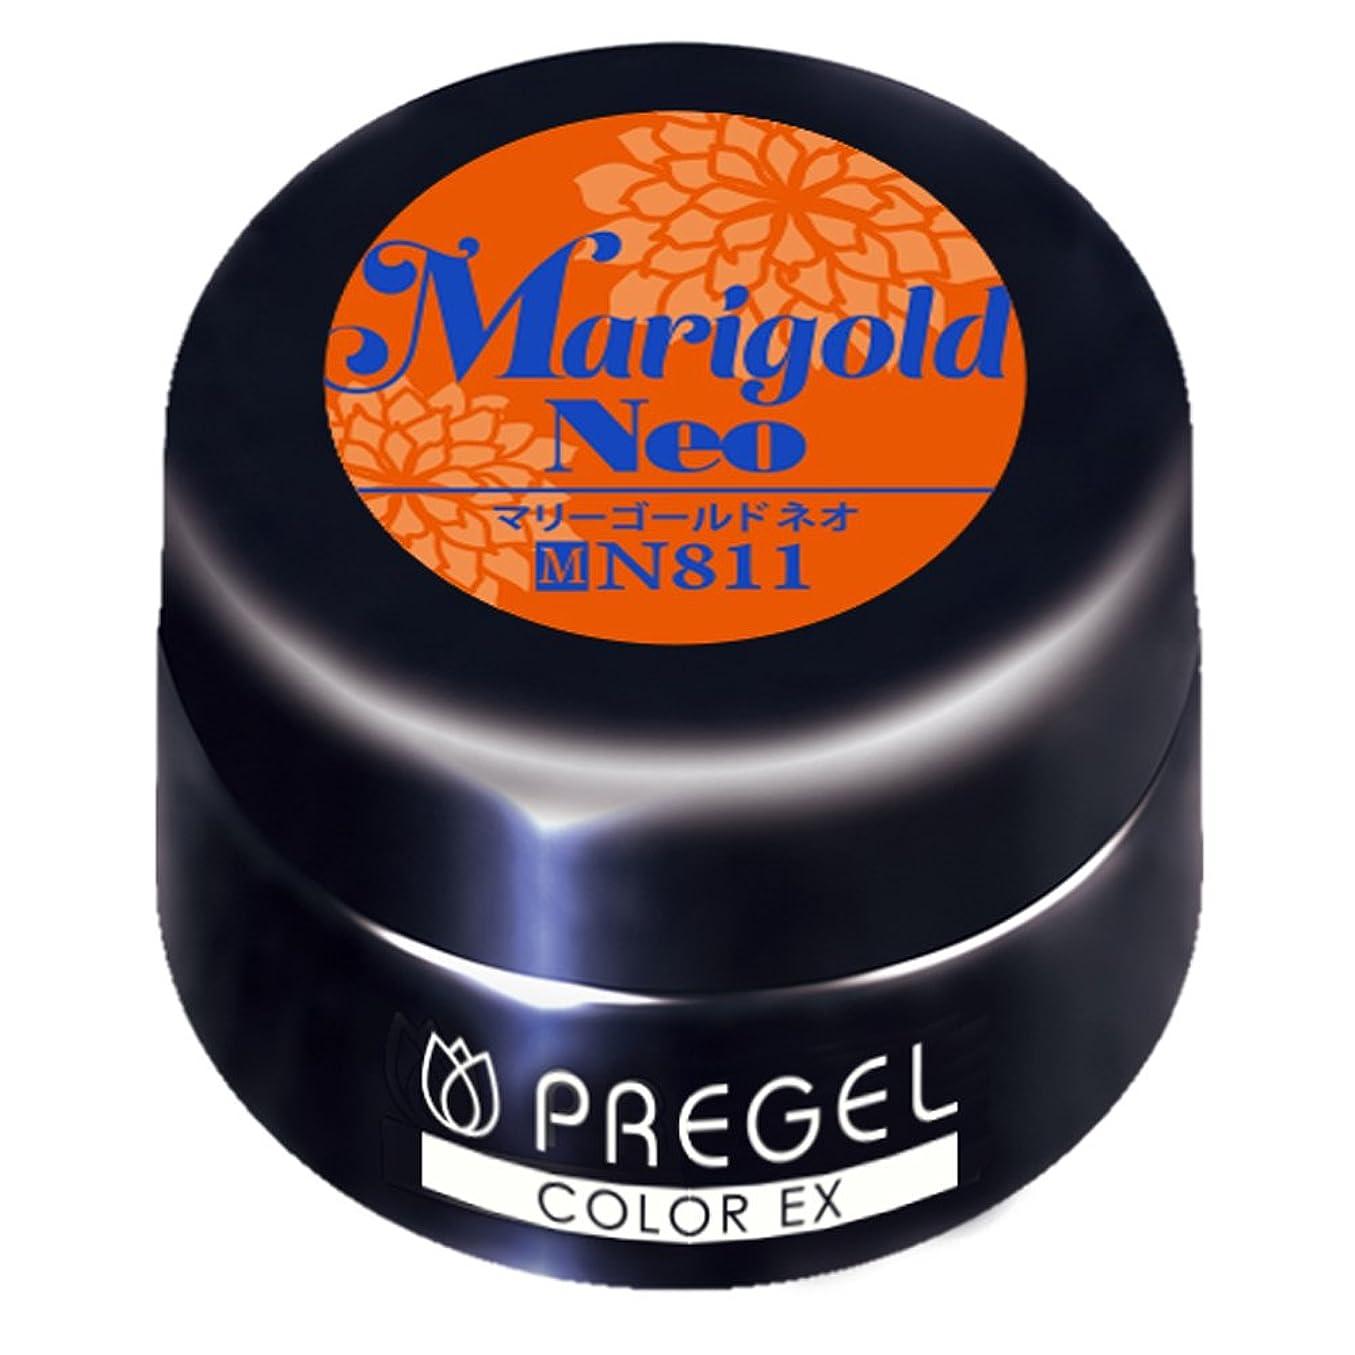 ループフライト良さPRE GEL カラーEX マリーゴールドneo 811 3g UV/LED対応